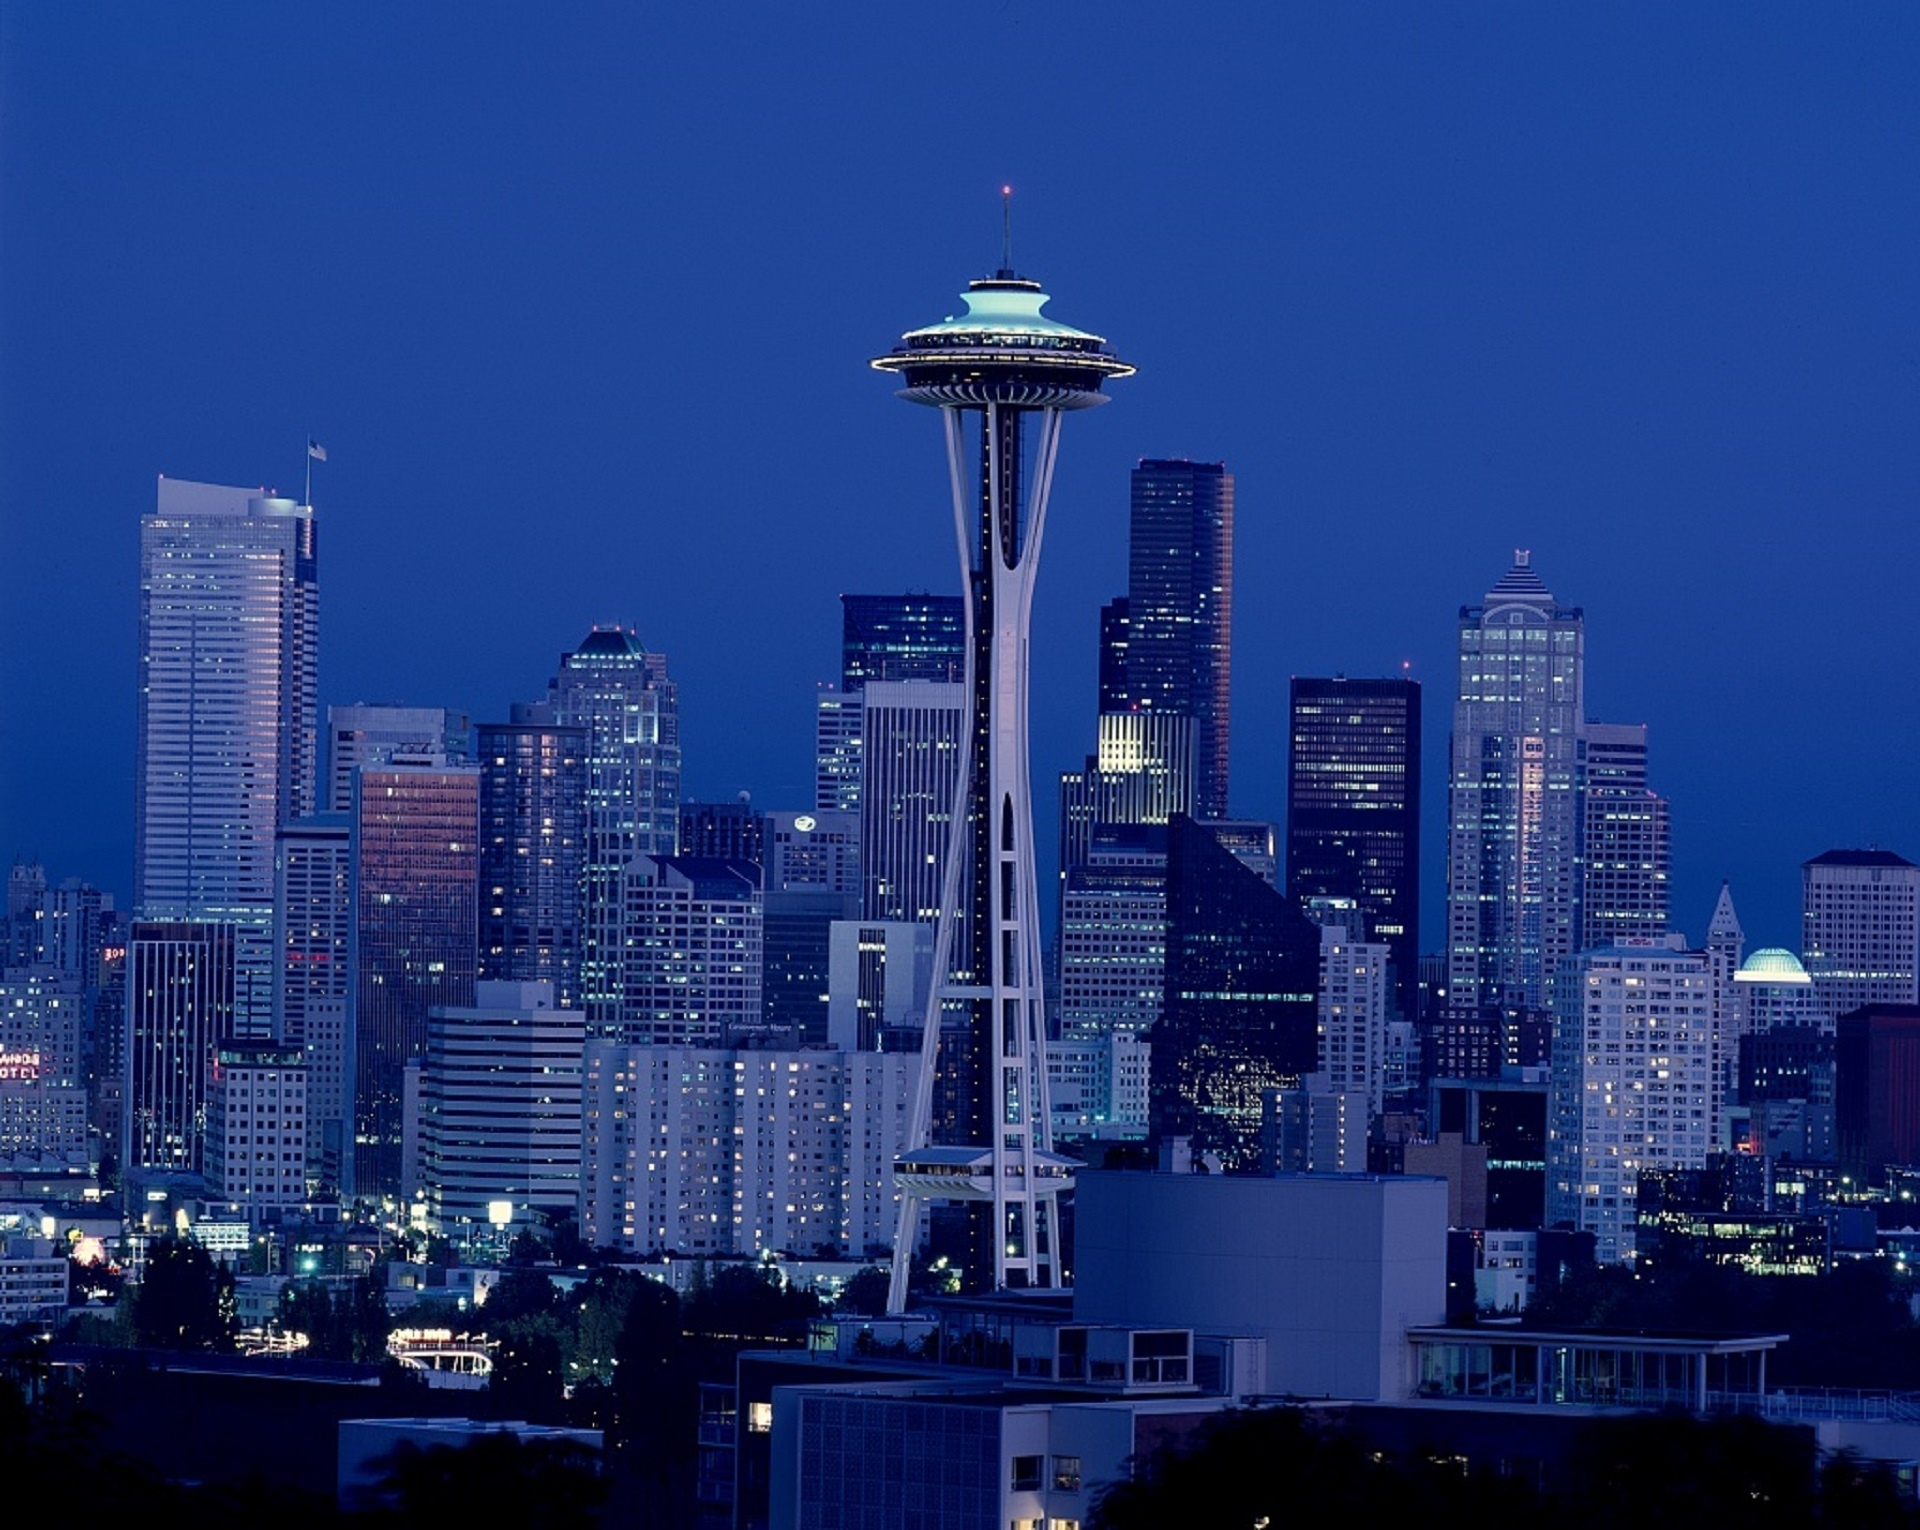 seattle-skyline-14904764209Wo-2.jpg